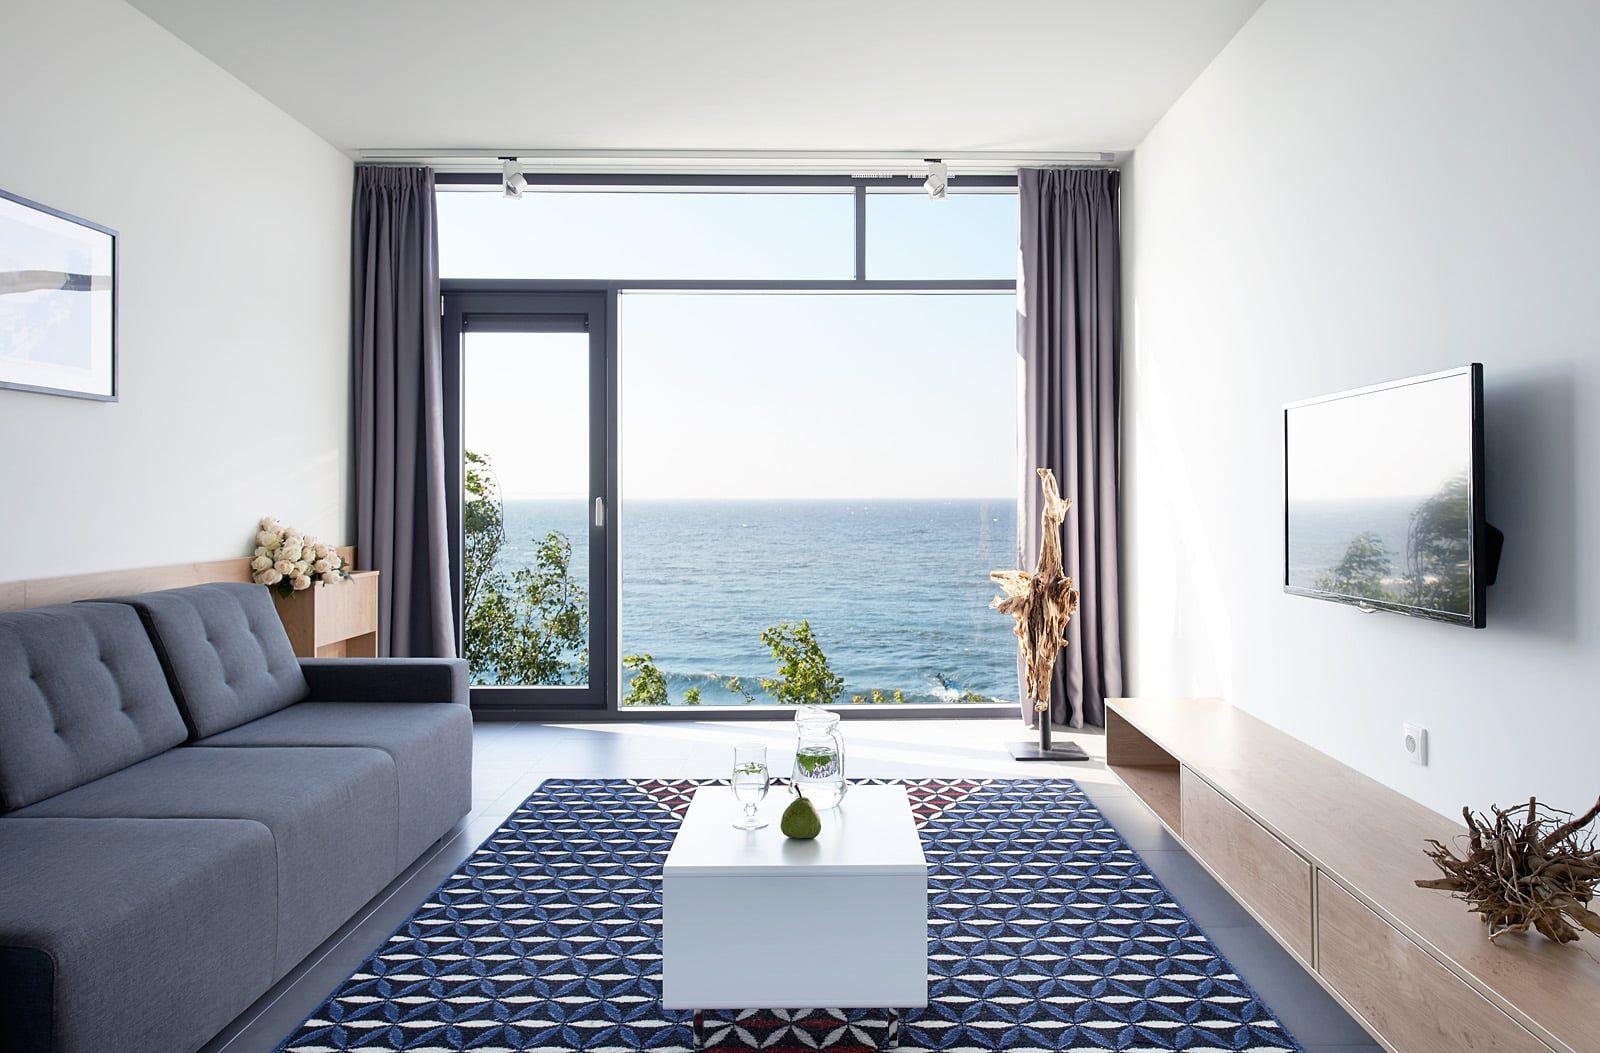 Boulevard_Ustronie_Morskie-Exclusive-Living_Room